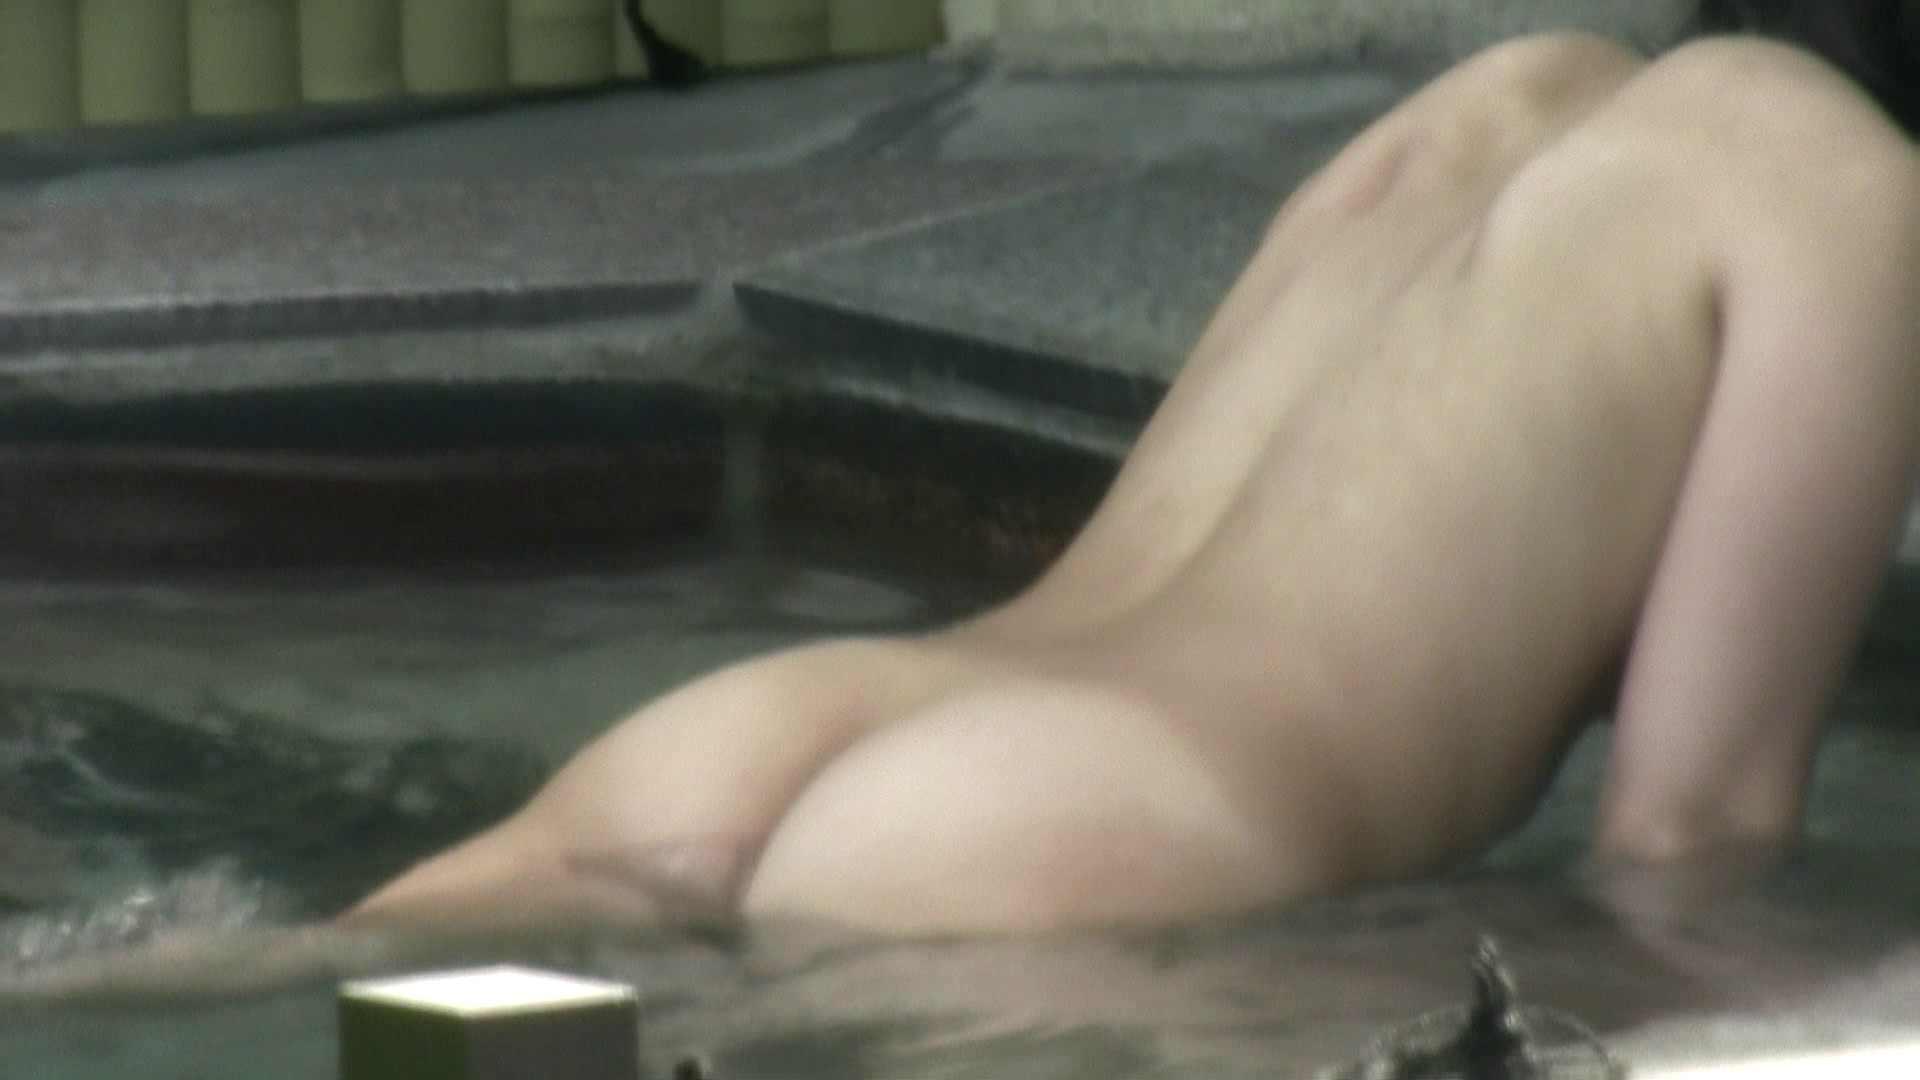 Aquaな露天風呂Vol.664 OLセックス 盗み撮りAV無料動画キャプチャ 72画像 20